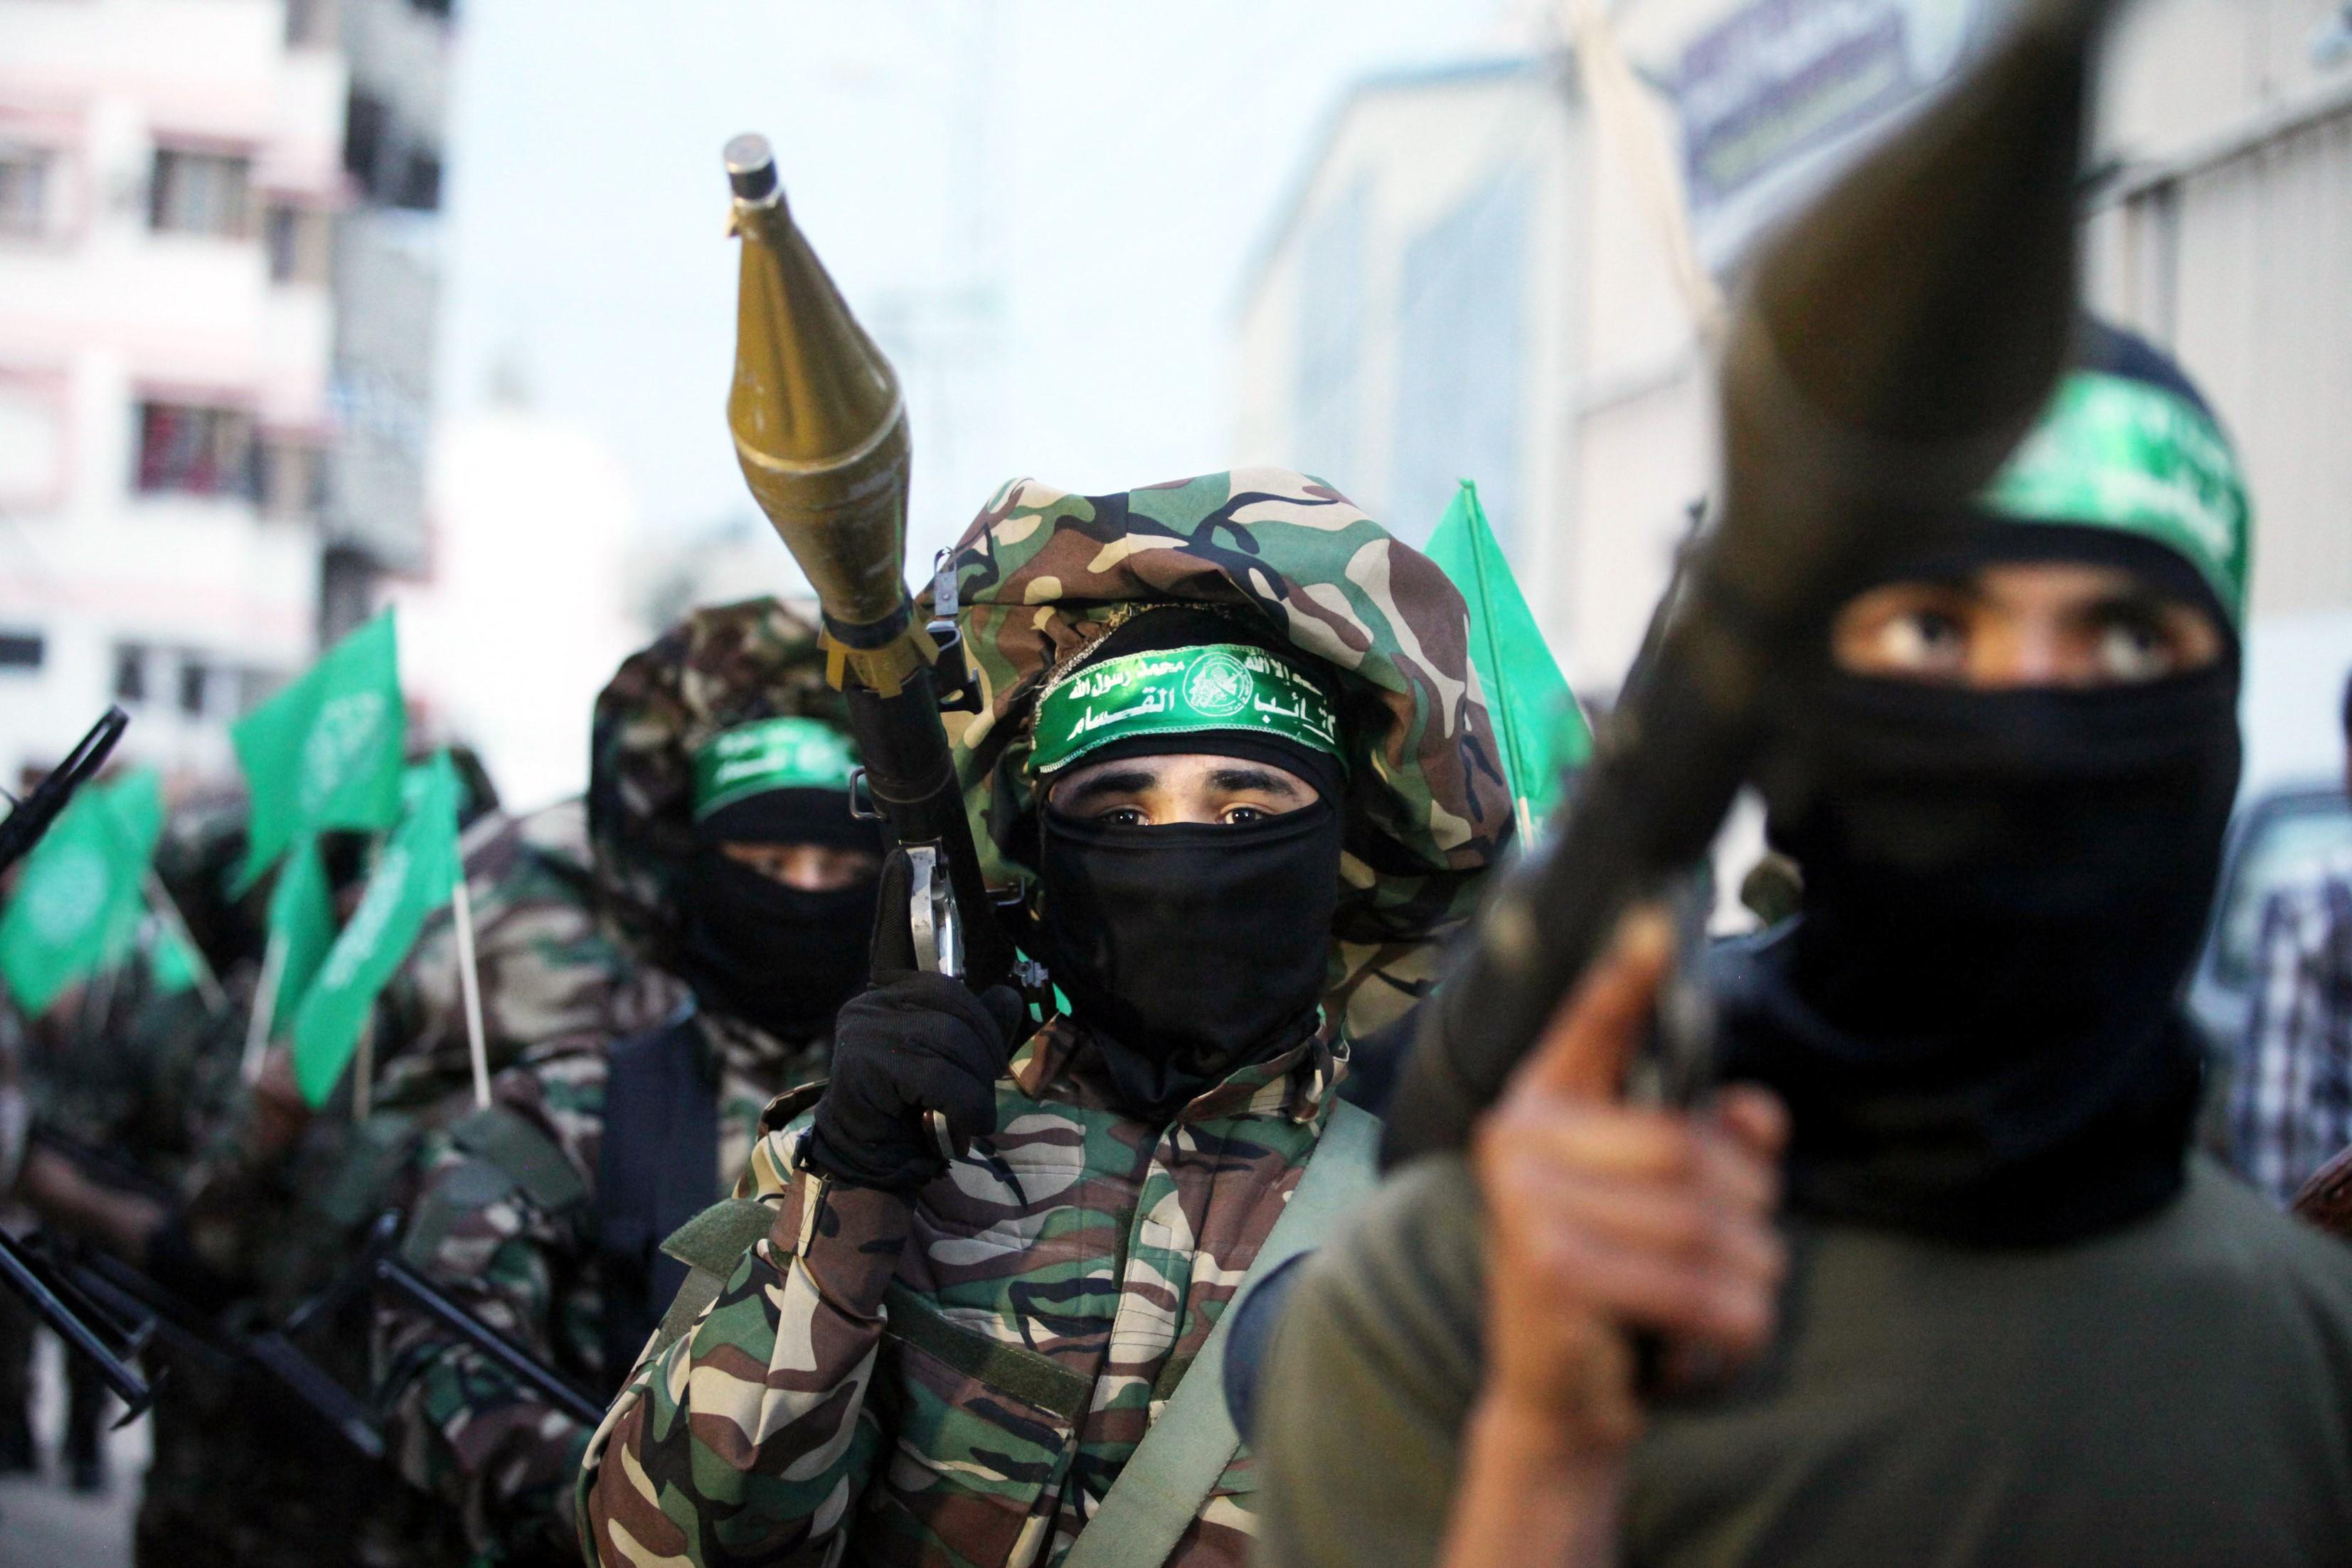 Az EU bírósága úgy döntött, maradjon csak rajta a Hamász a terrorszervezetek listáján